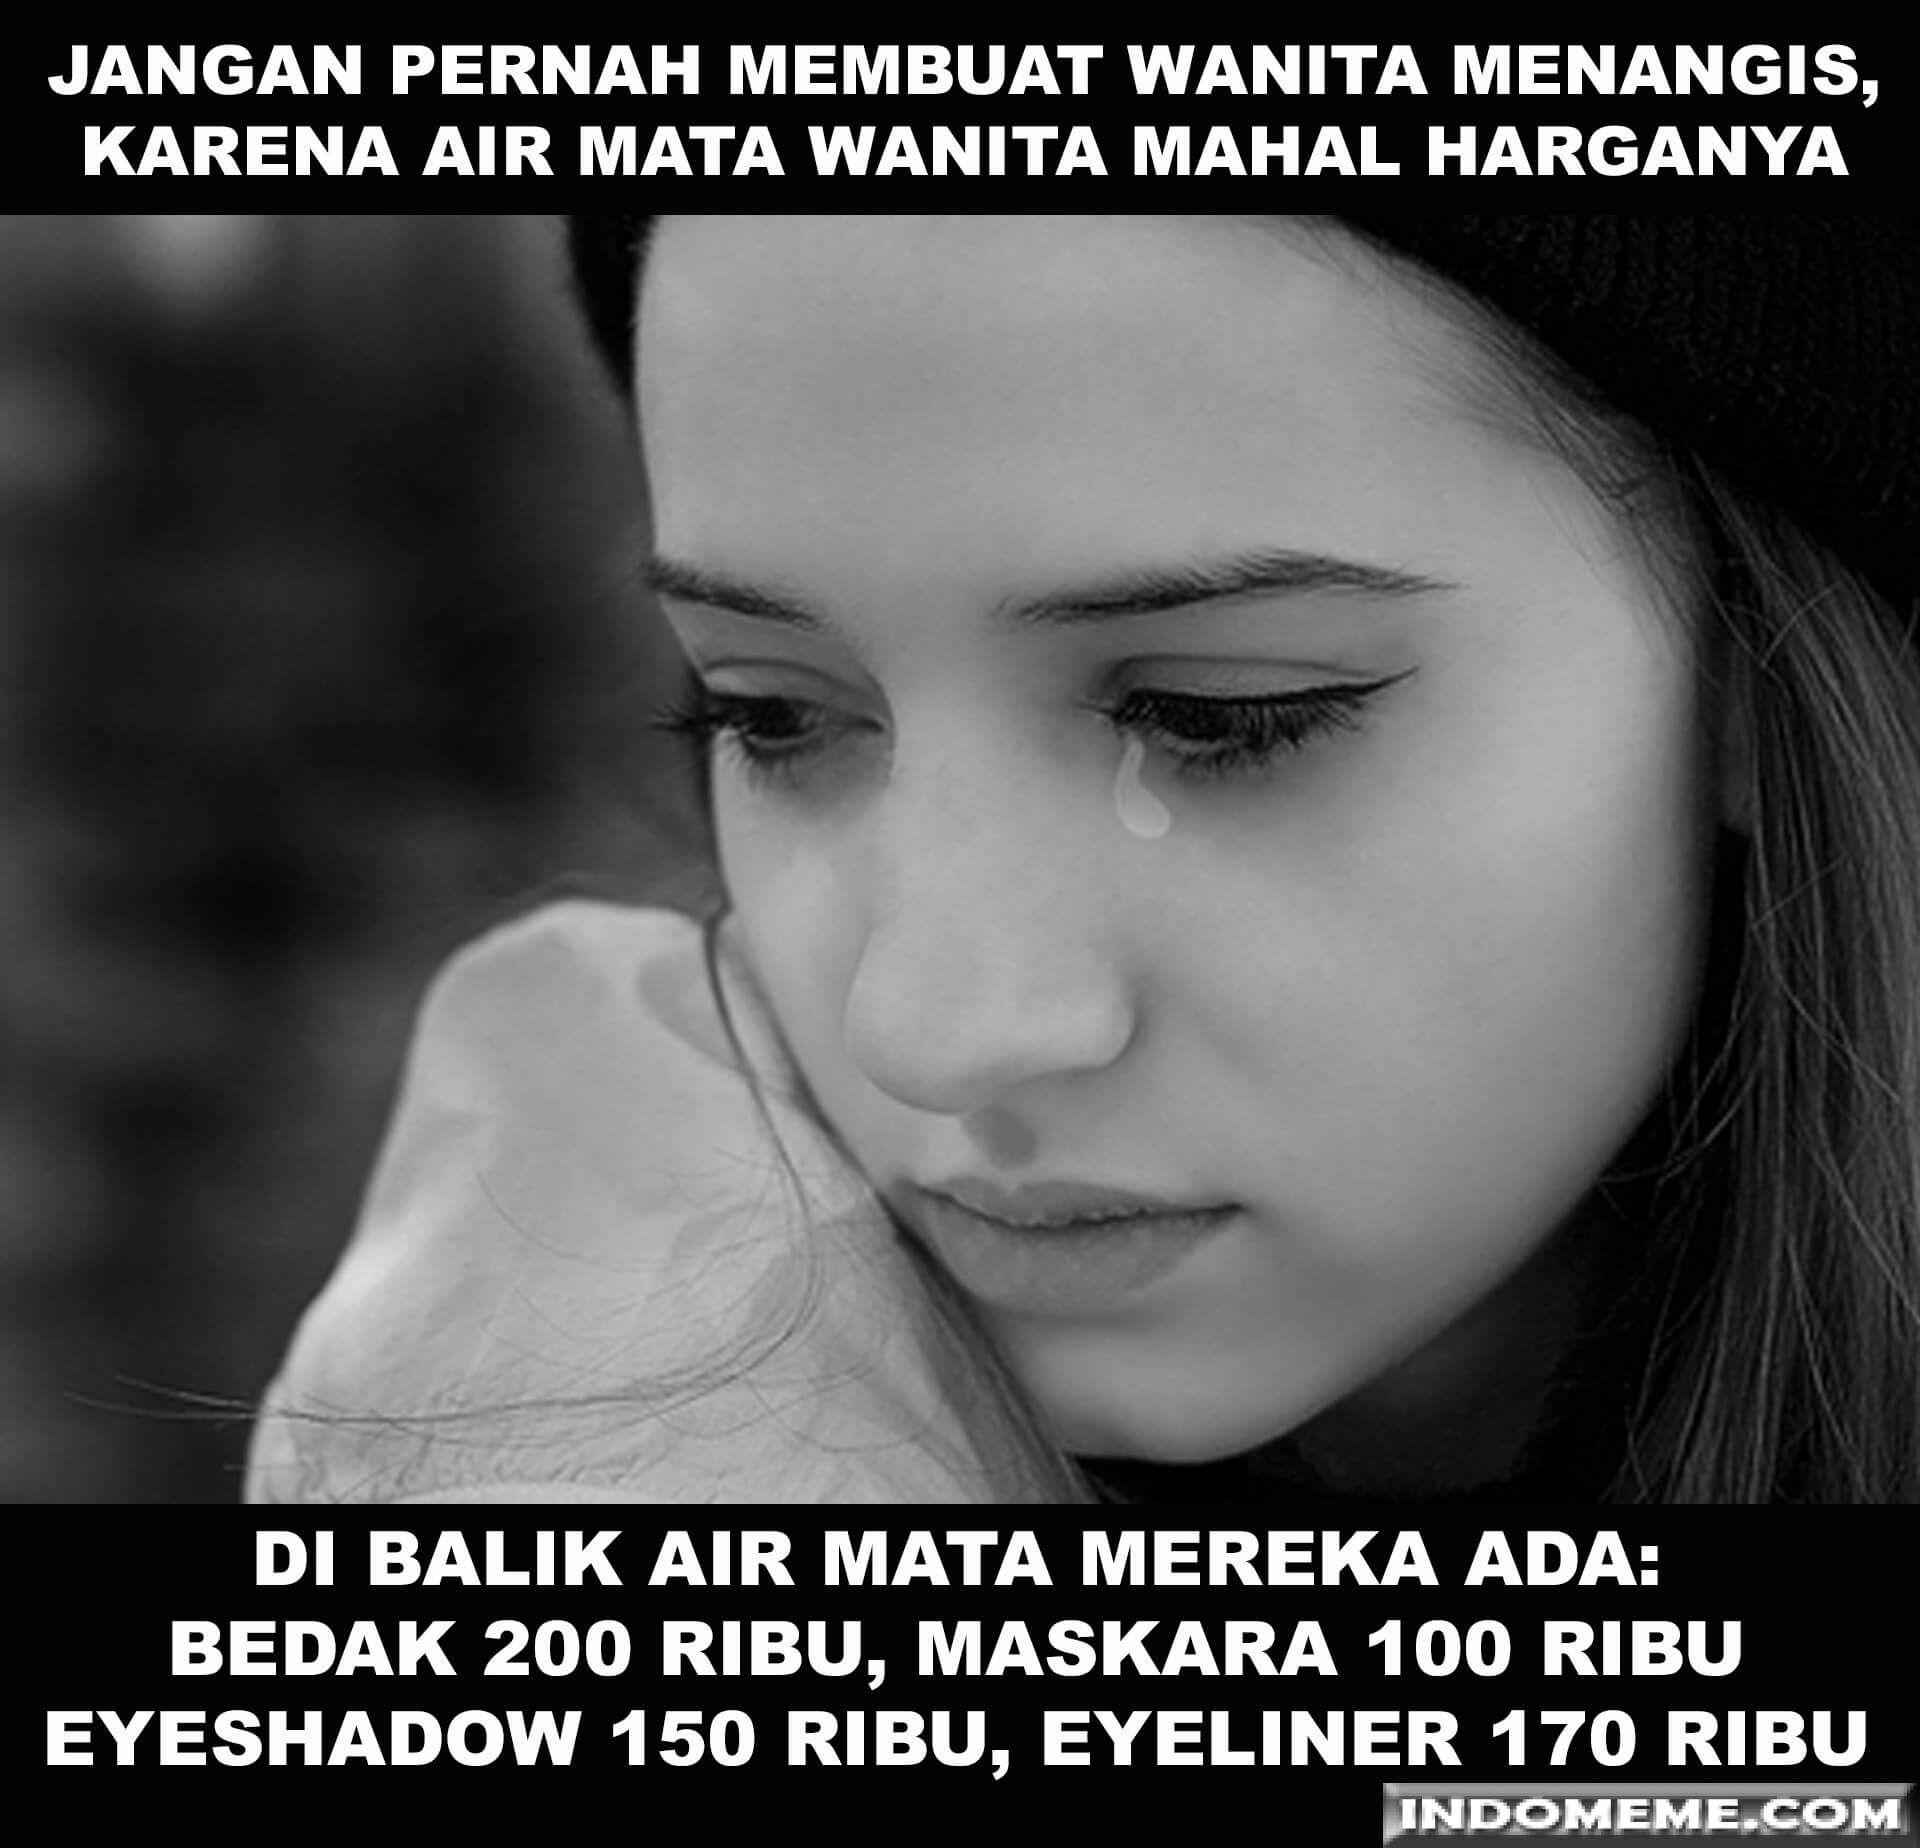 Air Mata Wanita Http Wwwindomemecom Meme Air Mata Wanita